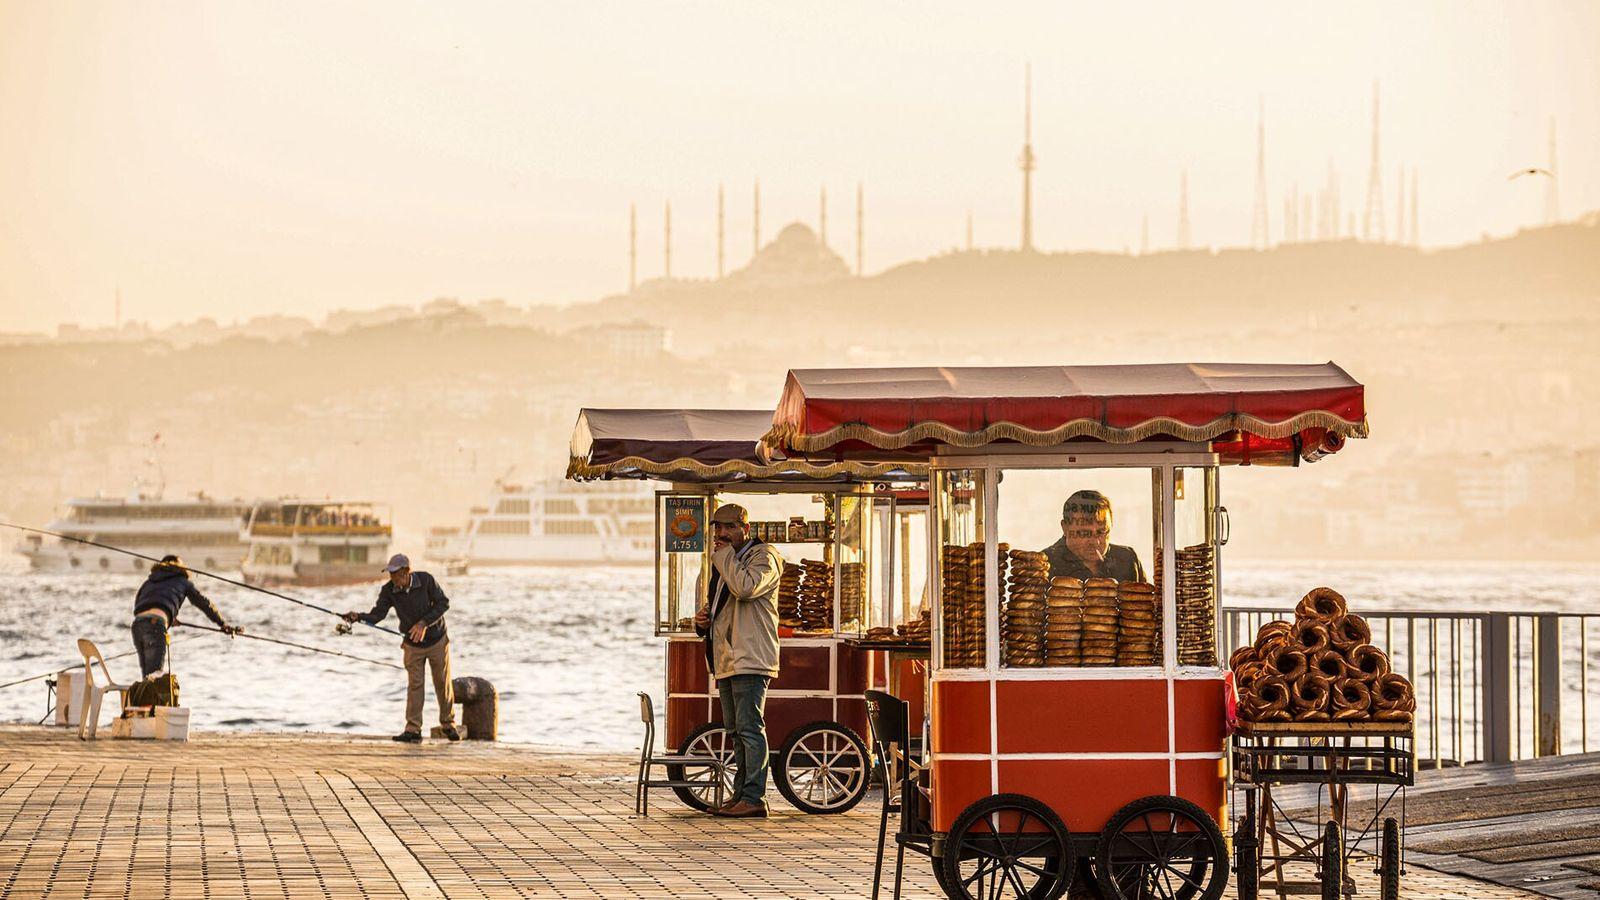 istanbul_awl_tk01674_hr_web